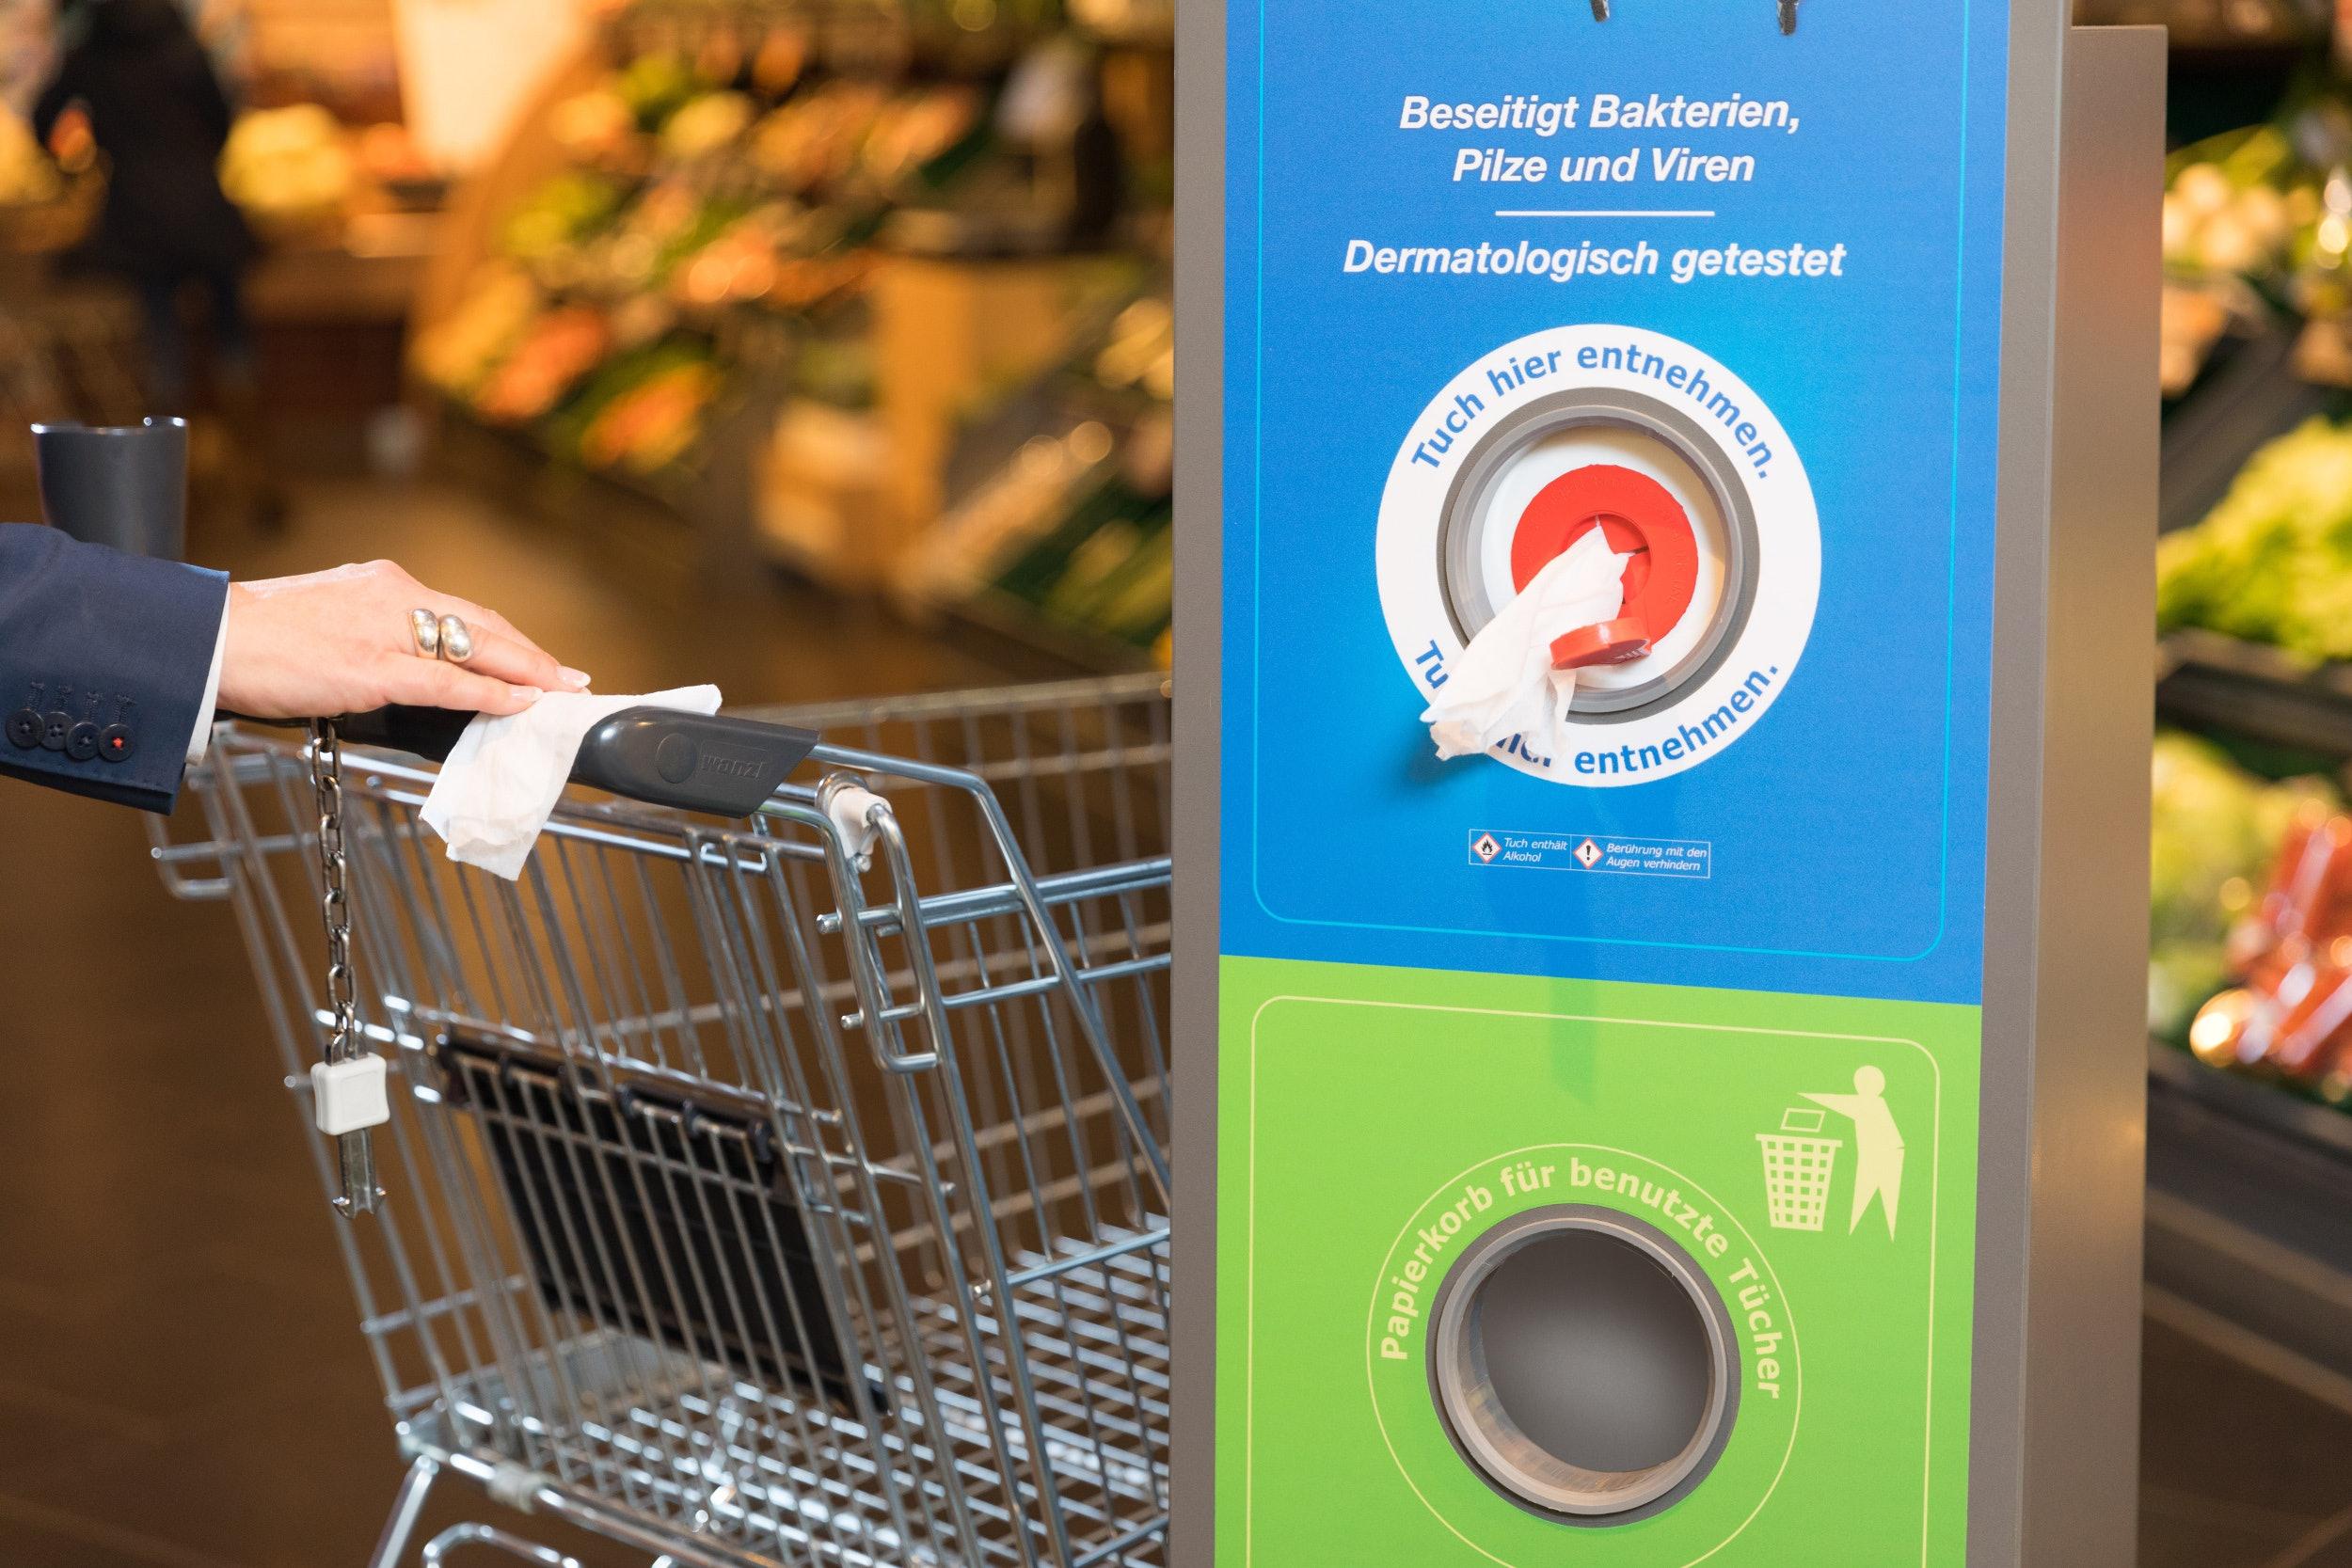 Nahaufnahme von einem Desinfektionstuchspender in einem Supermarkt